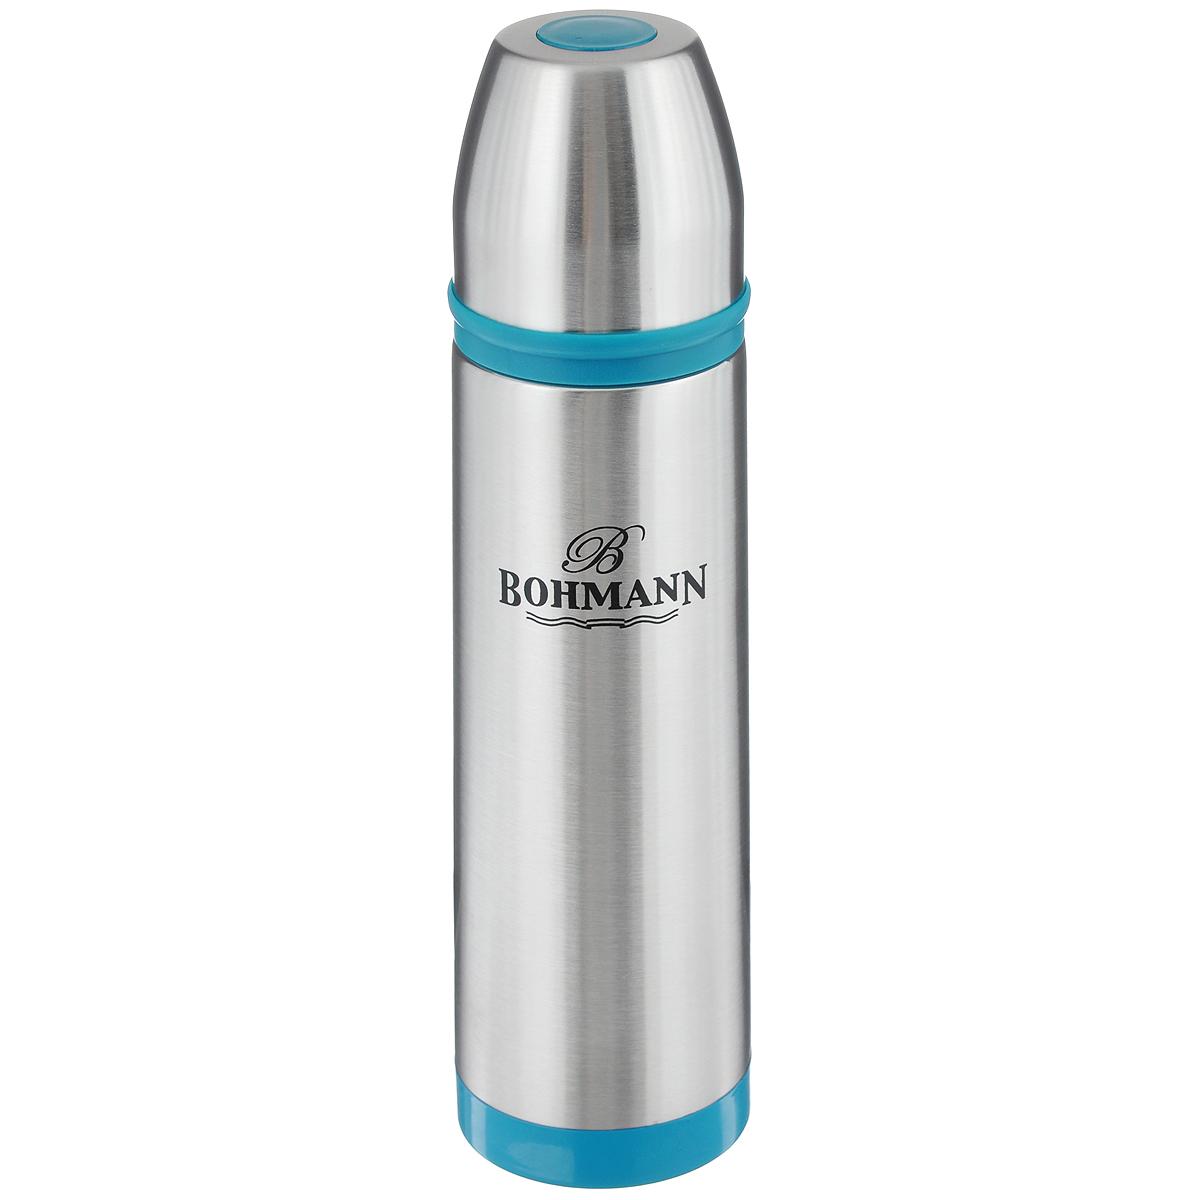 Термос Bohmann, цвет: металлик, голубой, 1 л. 4492BHNEW4492BHNEW_голубойТермос Bohmann выполнен из высококачественной нержавеющей стали с матовой полировкой, пластика и силикона. Двойные стенки сохраняют температуру до 24 часов. Внутренняя колба выполнена из высококачественной нержавеющей стали марки 18/10. Термос имеет вакуумную прослойку между внутренней колбой и внешней стенкой. Специальная термоизоляционная прокладка удерживает тепло. Термос снабжен плотно прилегающей закручивающейся пластиковой пробкой с нажимным клапаном и укомплектован теплоизолированной чашкой из нержавеющей стали. Для того чтобы налить содержимое термоса, нет необходимости откручивать пробку. Достаточно надавить на клапан, расположенный в центре. Легкий и удобный, термос Bohmann станет незаменимым спутником в ваших поездках. Диаметр чашки (по верхнему краю): 7,5 см. Высота стенки чашки: 7,5 см. Диаметр горлышка термоса: 5 см. Диаметр основания термоса: 8 см. Высота термоса (с учетом крышки): 32,5 см. Объем: 1 л.